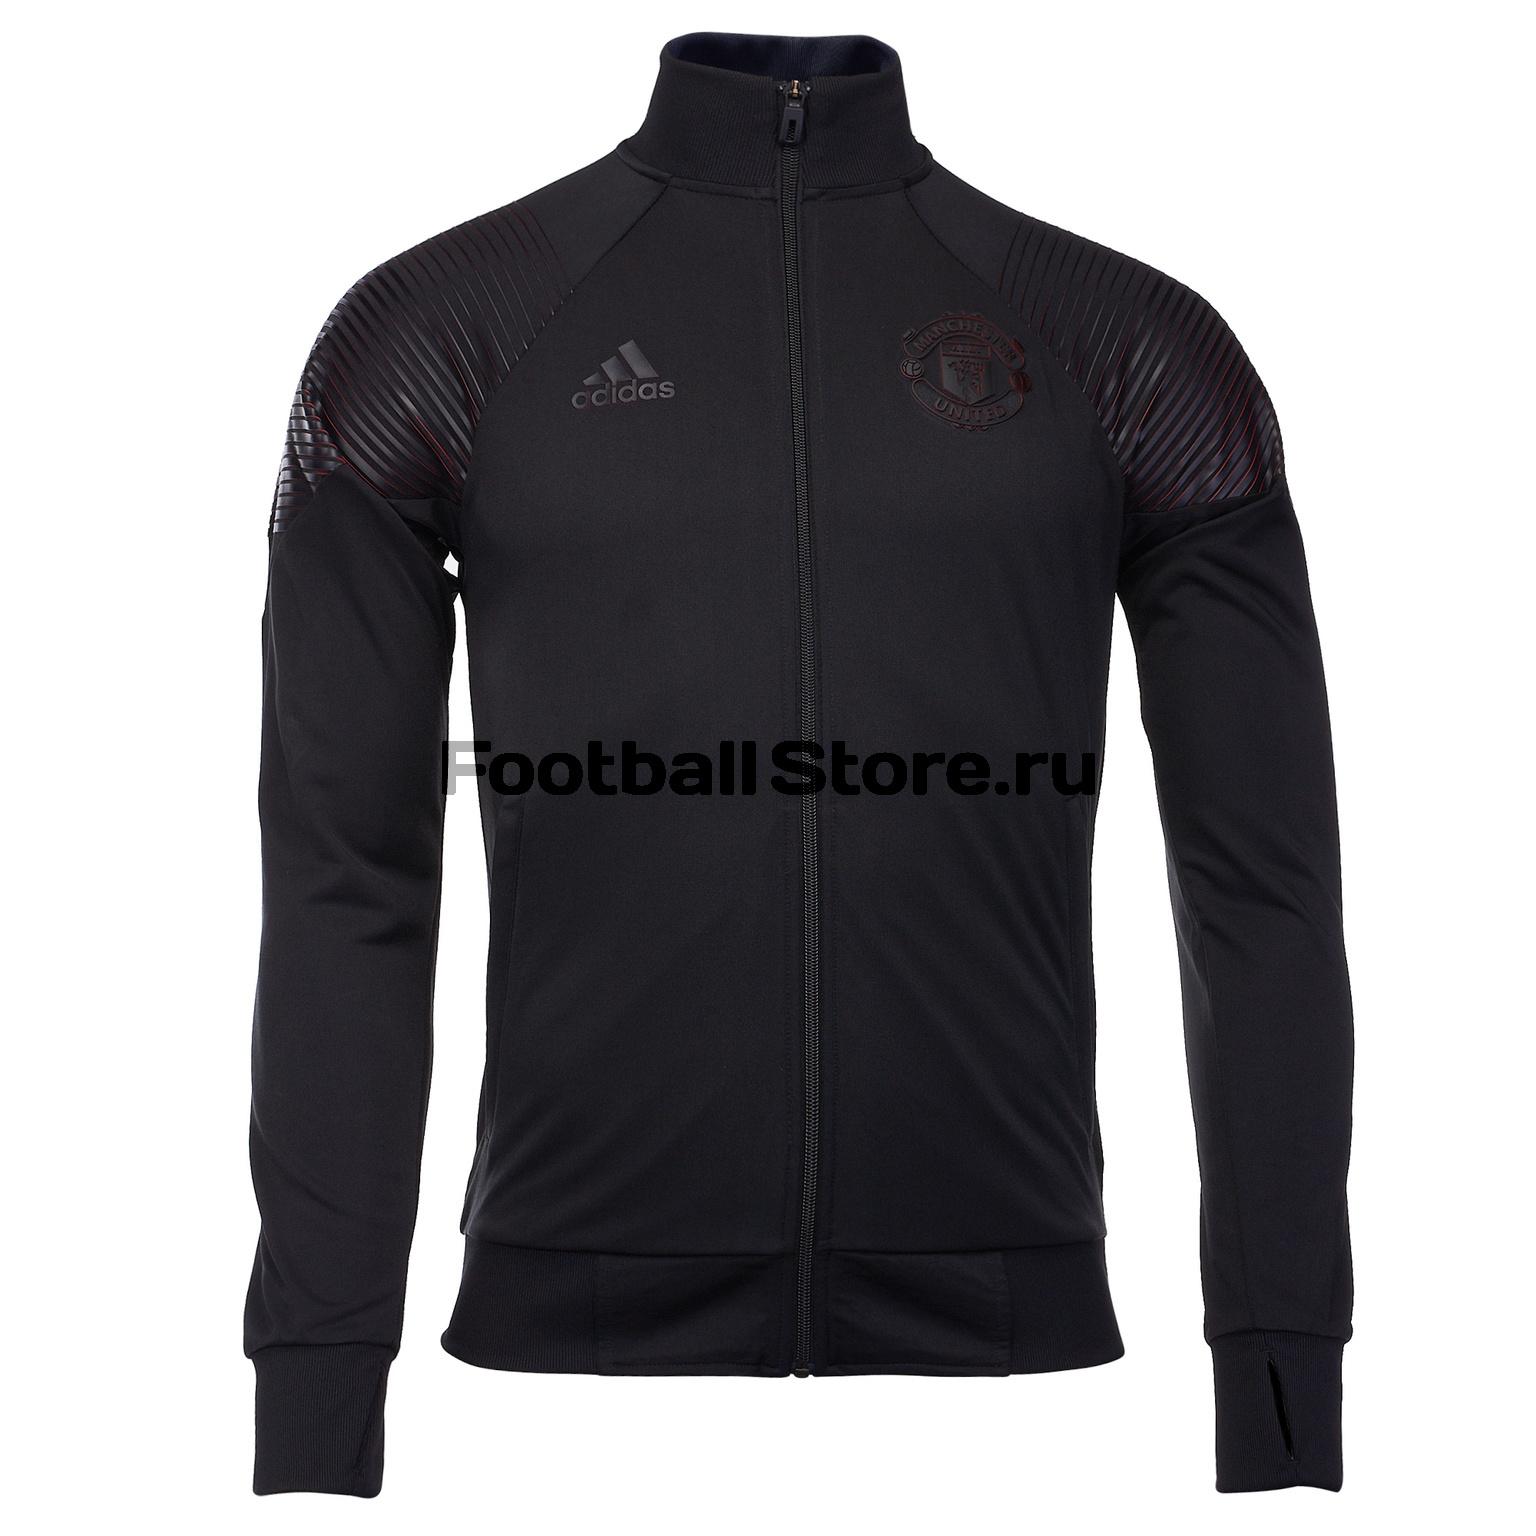 Олимпийка Adidas Manchester United 2018/19 рюкзак adidas manchester united cy5581